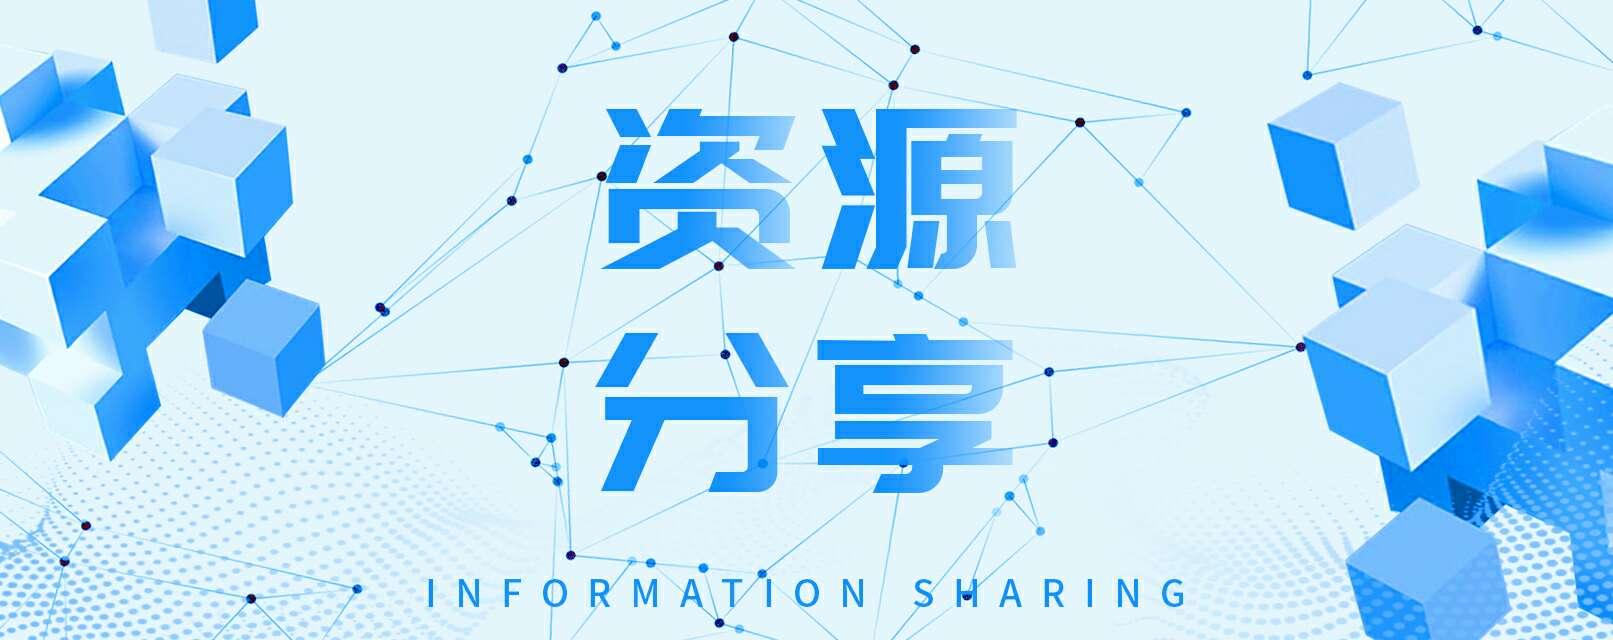 【资源分享】Transparentlcons透明图标